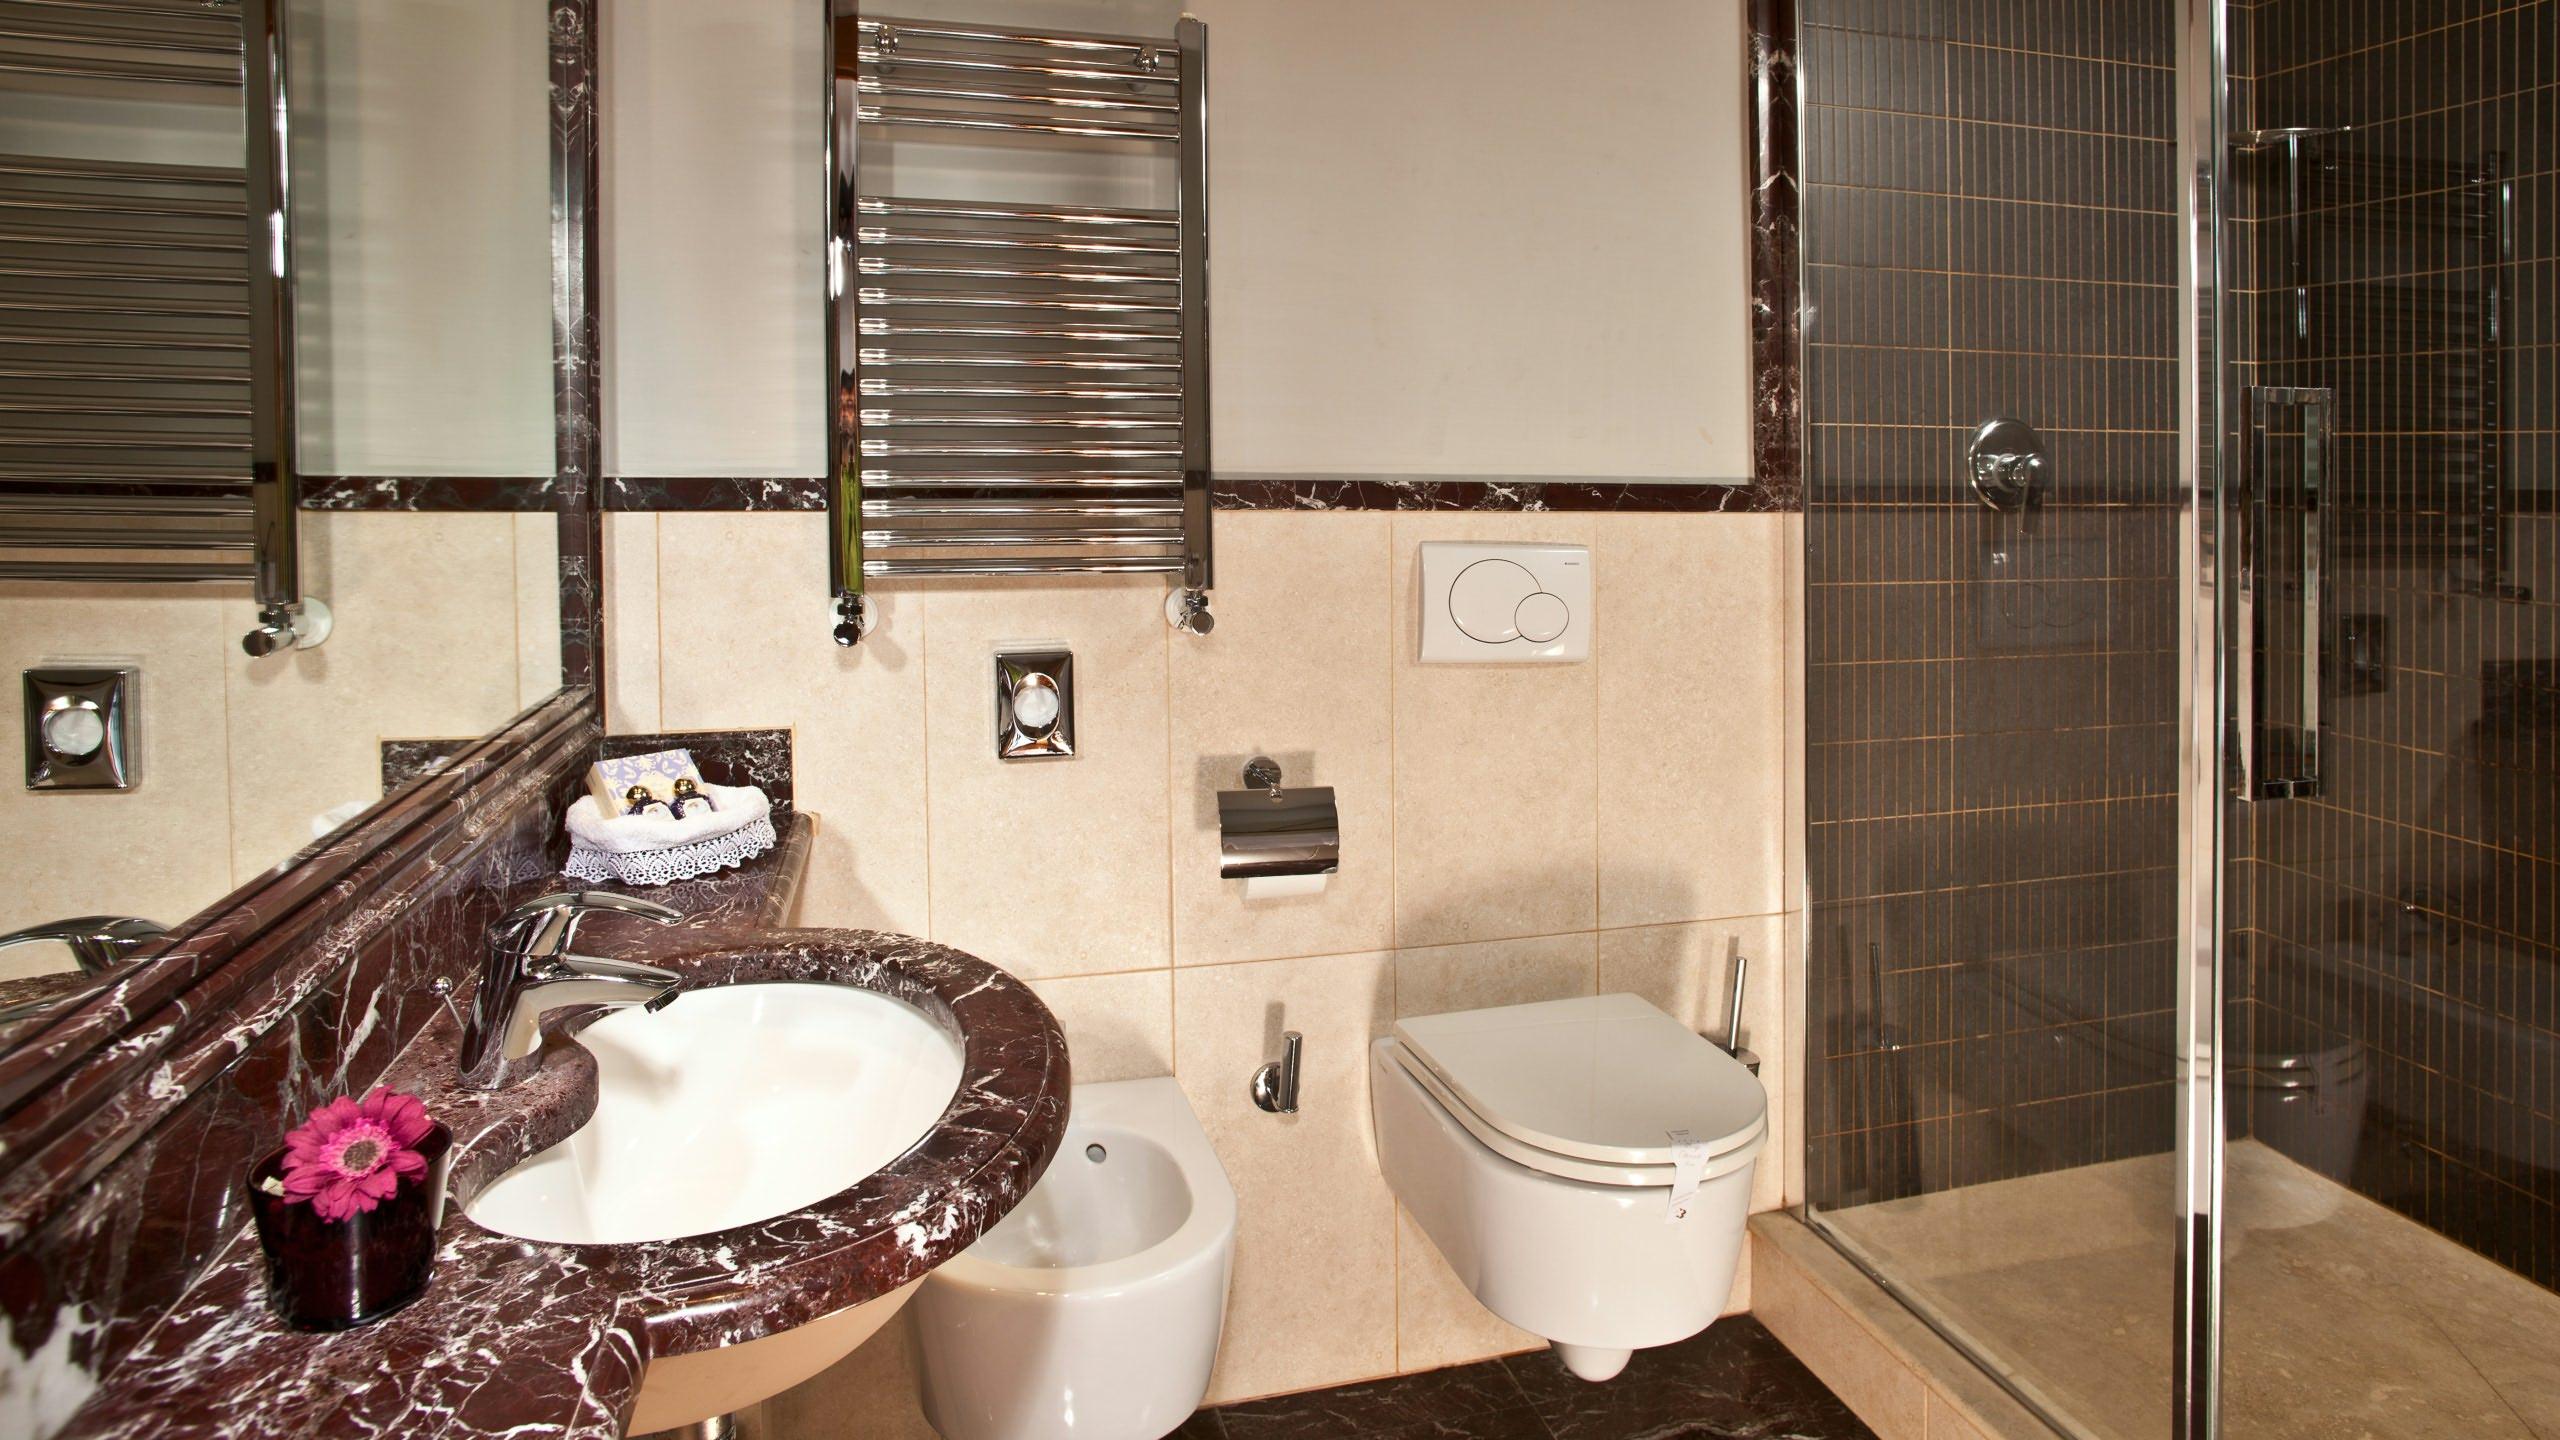 albergo-ottocento-roma-bagno-21